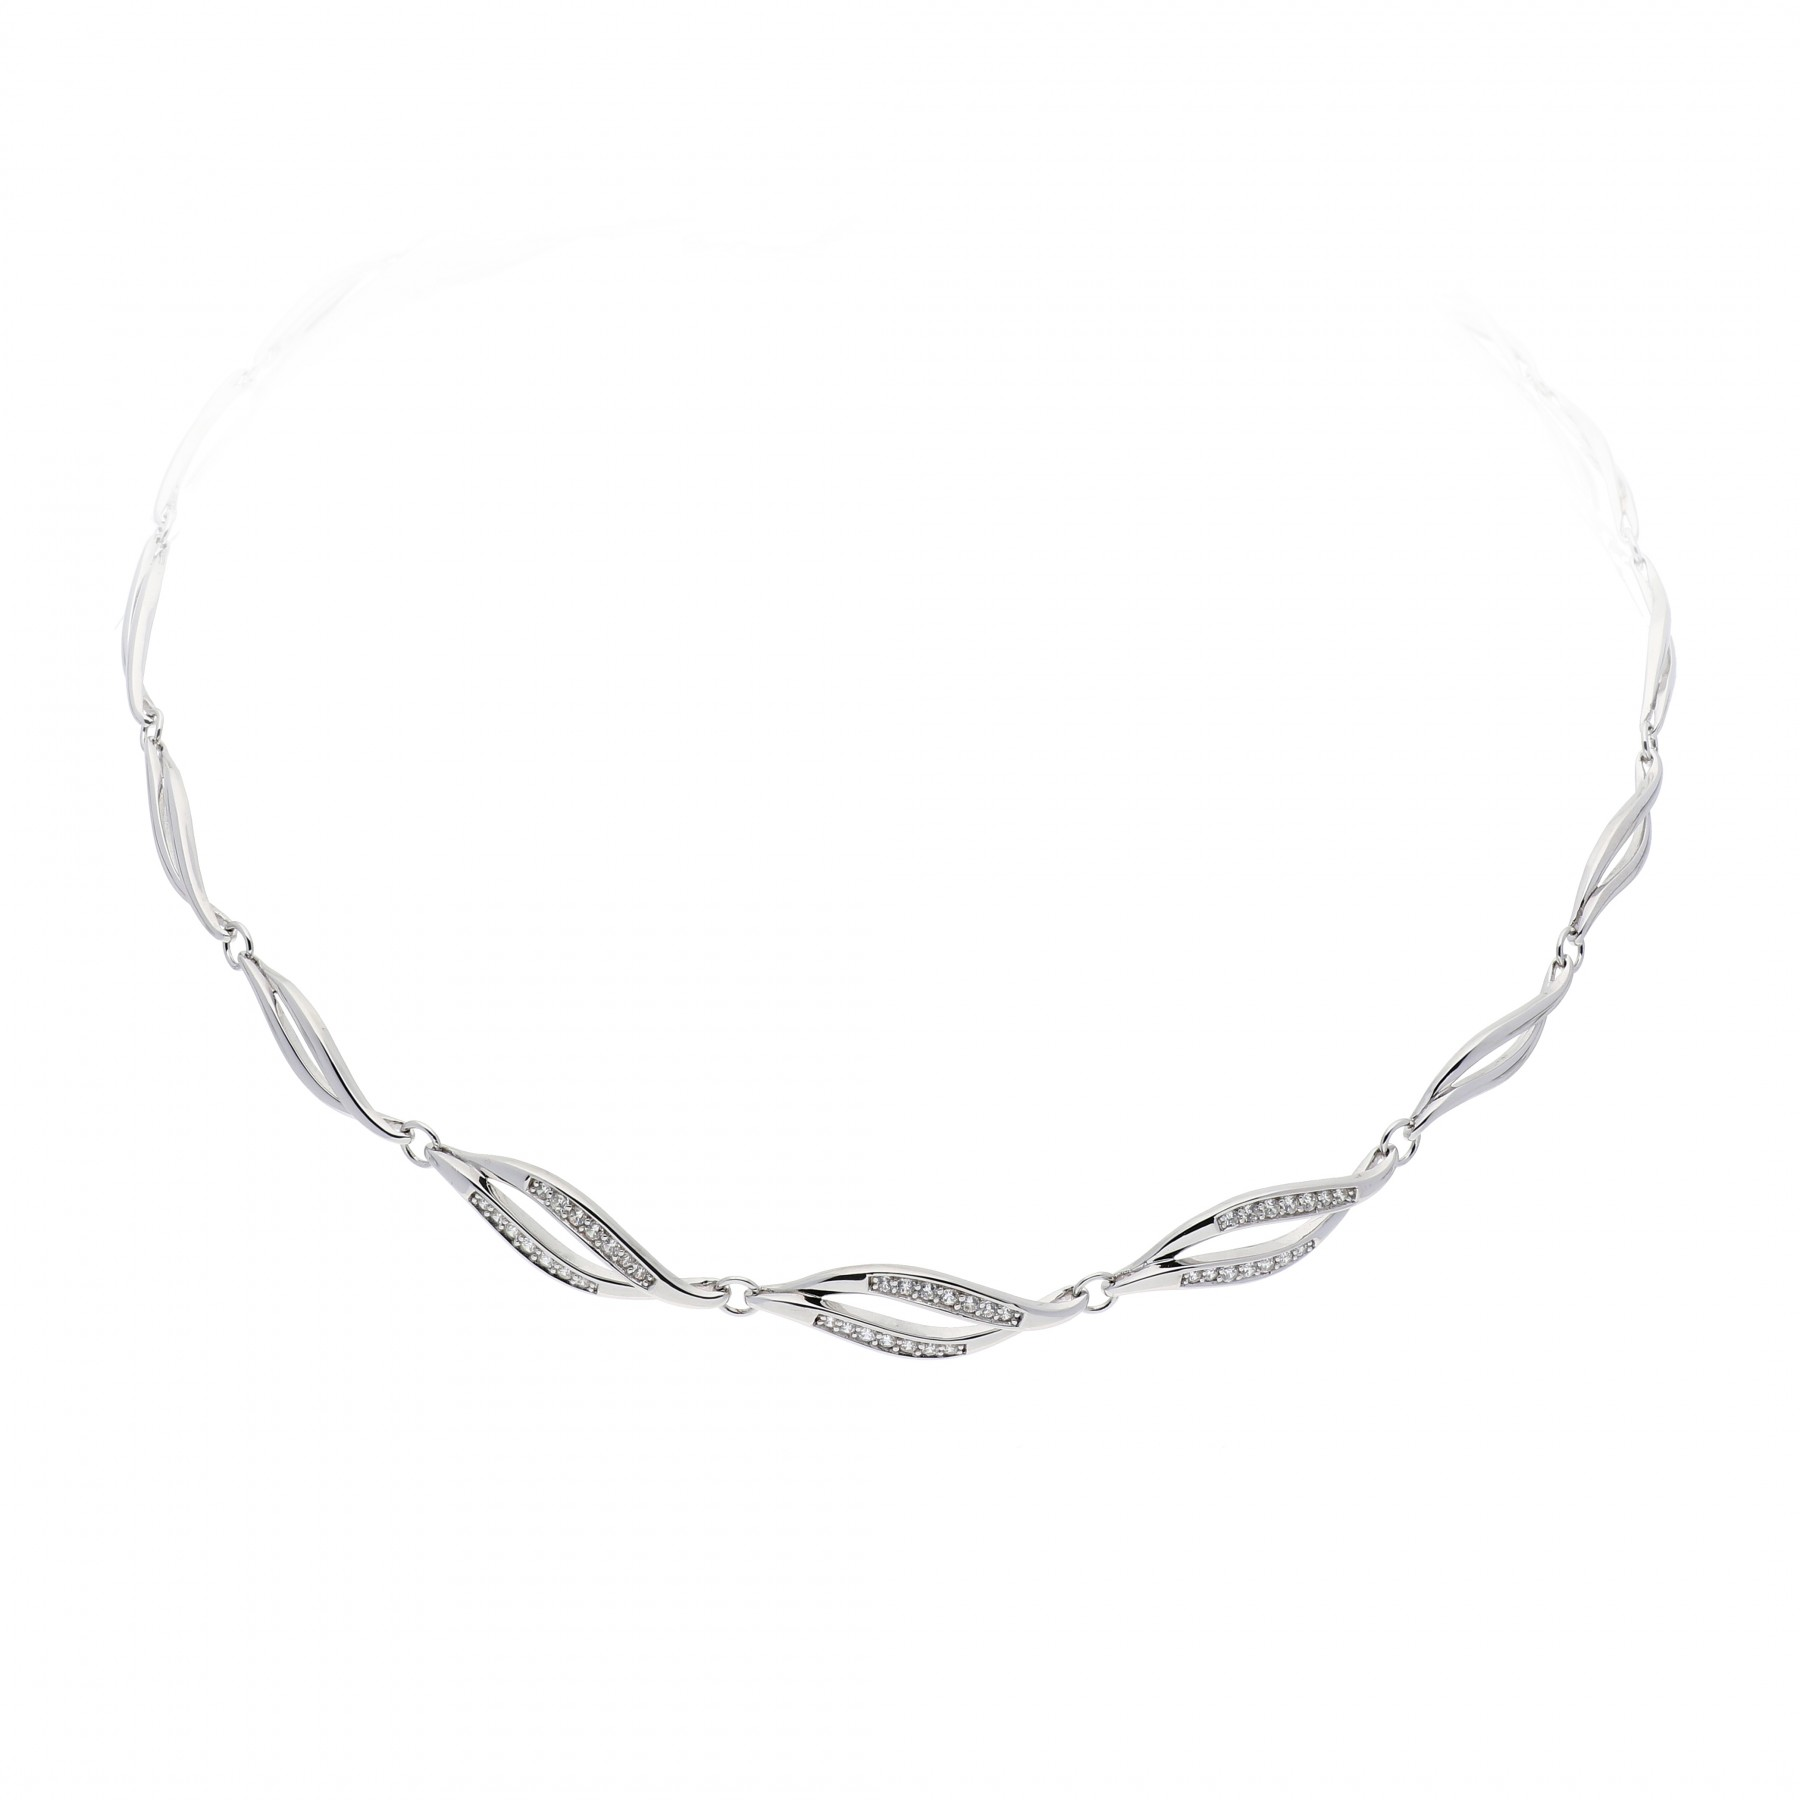 Zilveren ketting choker met zirconia 42-46 cm 103.1042.42